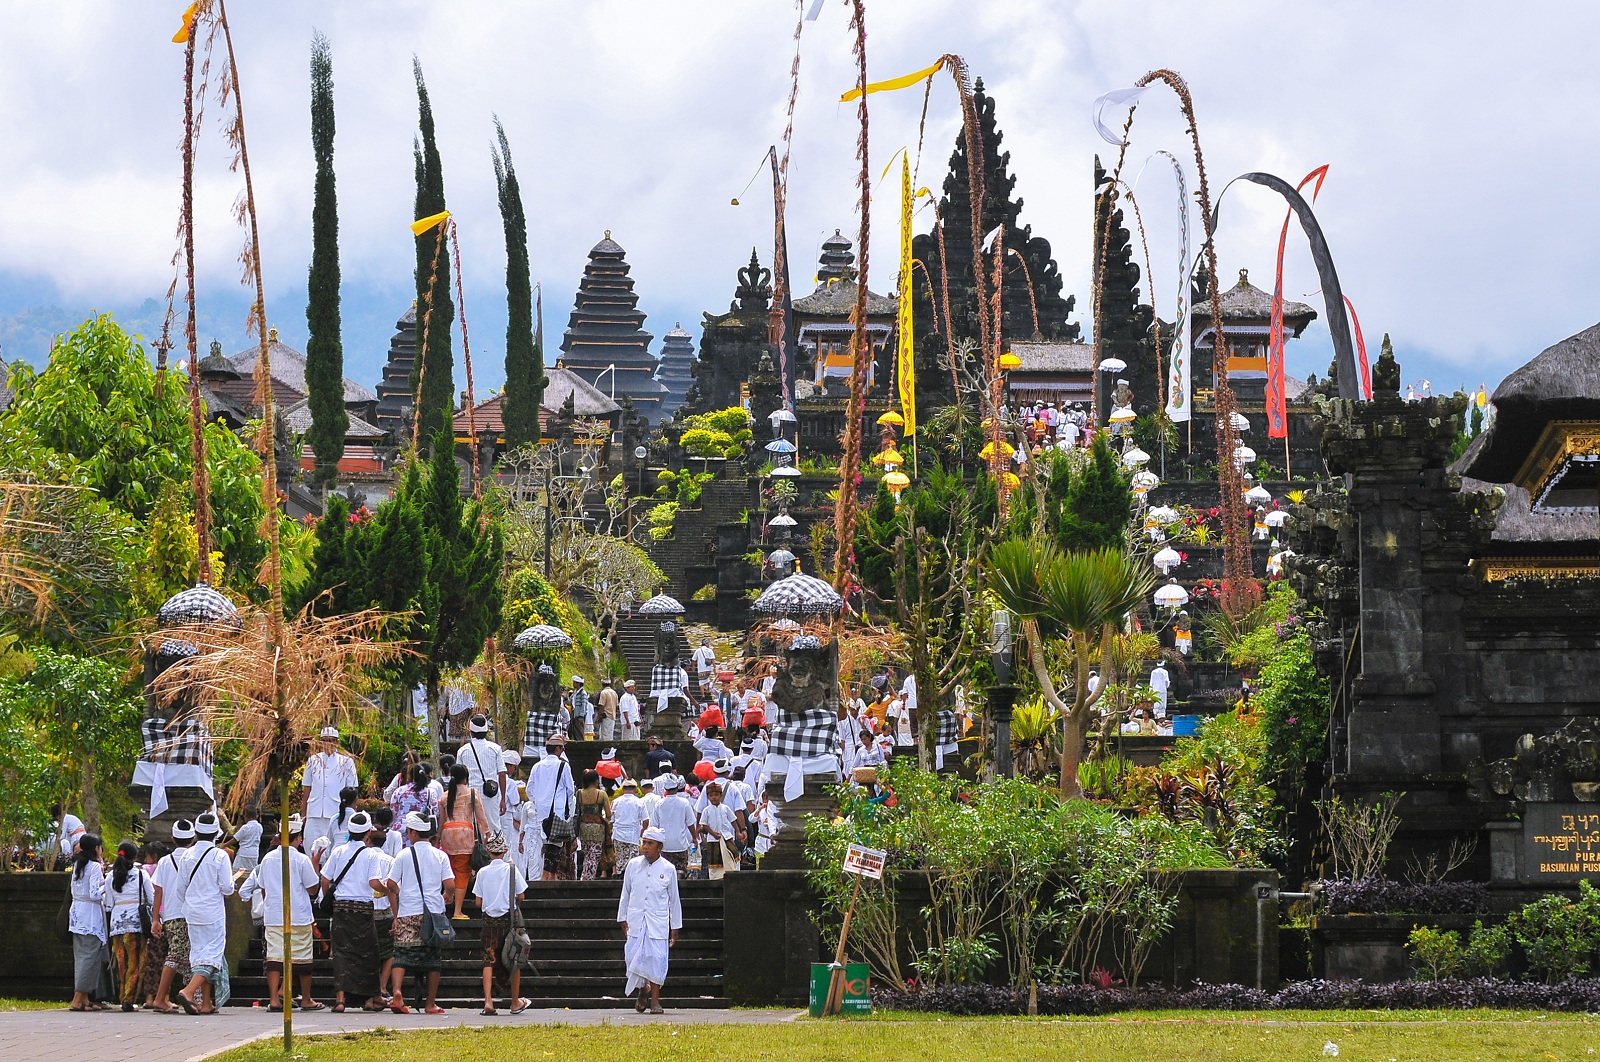 ブサキ寺院